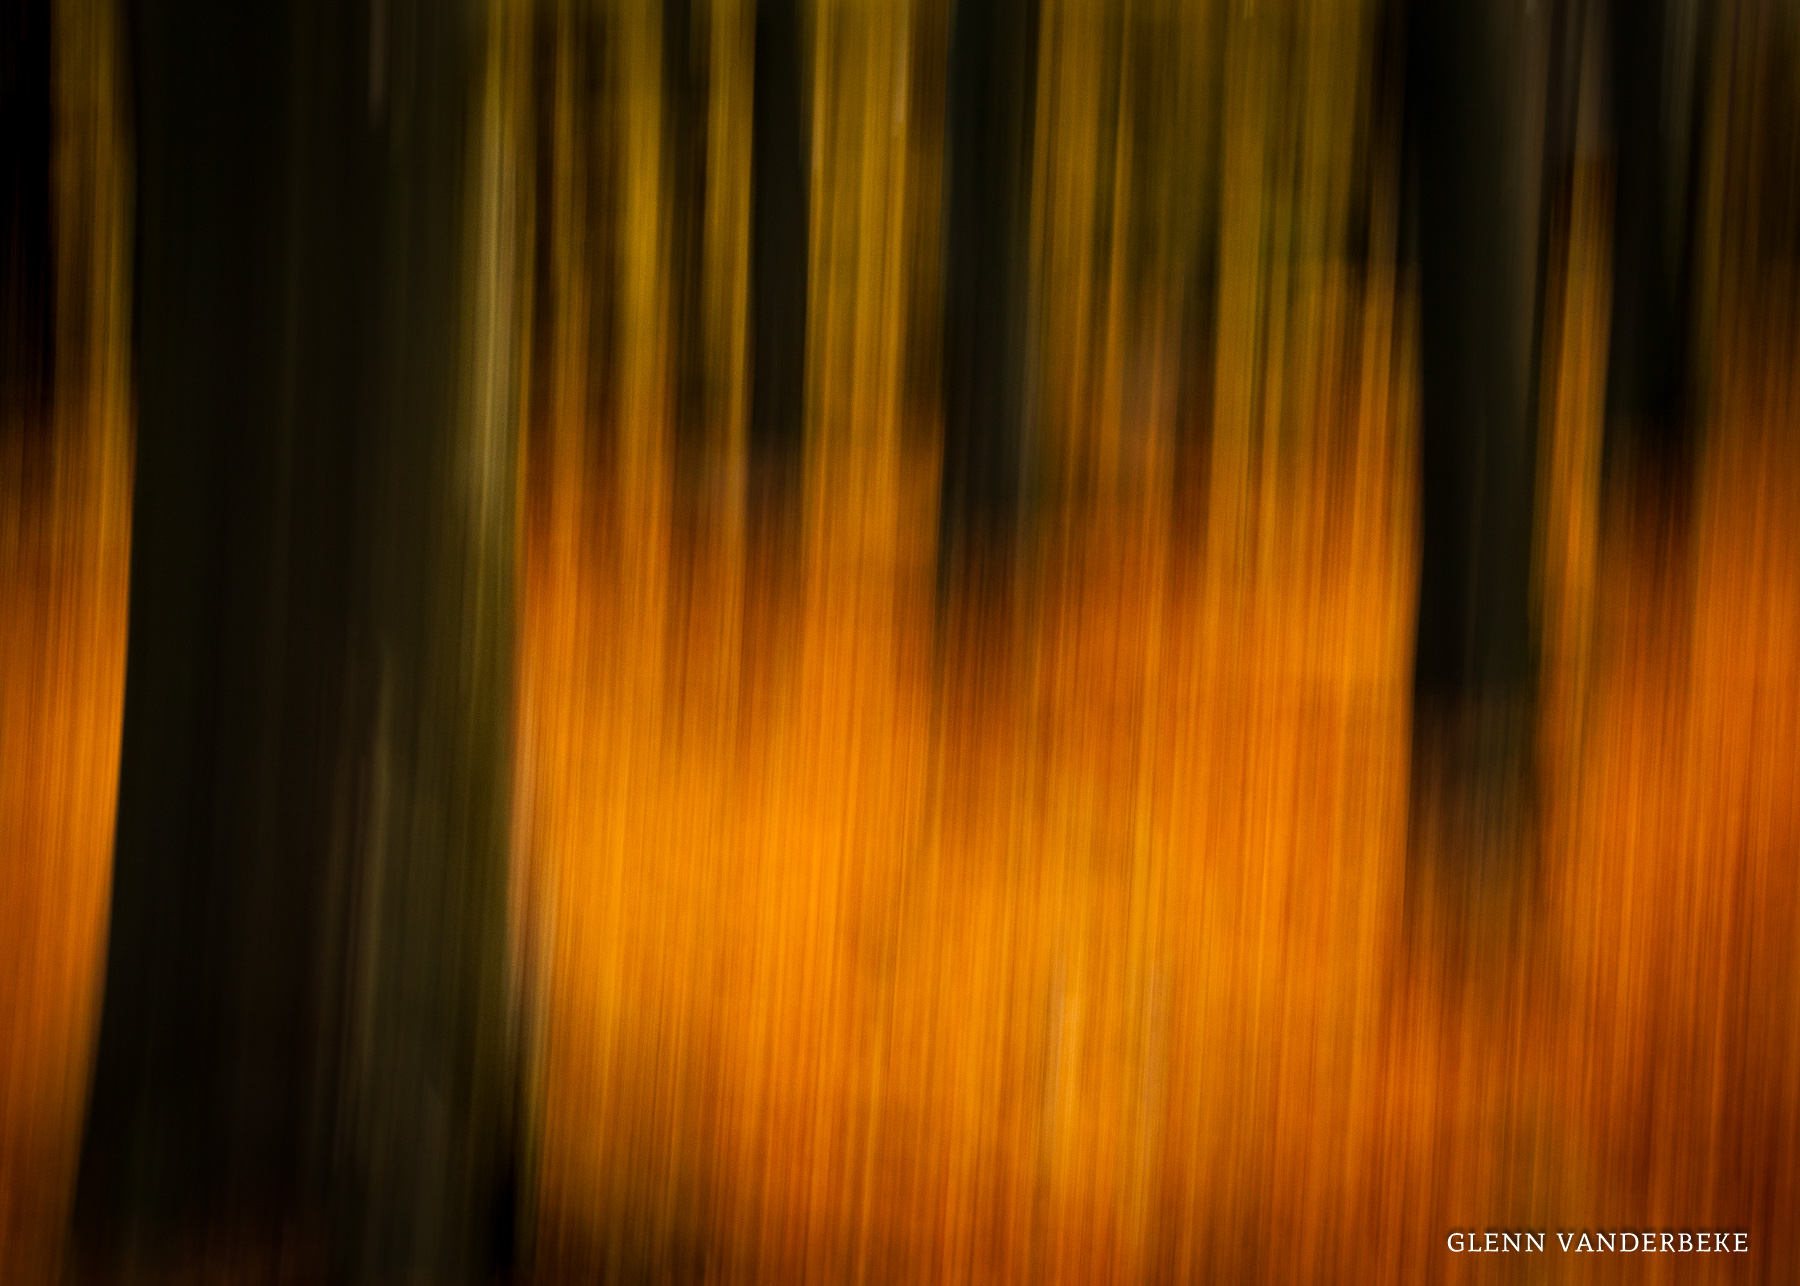 glenn vanderbeke, glenn vanderbeke fotografie, glenn vanderbeke belgisch landschapsfotograaf, landschapsfotograaf, landschapsfotografie glenn vanderbeke, landscape photographer glenn vanderbeke, fine art photographer Glenn Vanderbeke, Belgische landschapsfotograaf, landschapsfotografie west-vlaanderen, west vlaamse landschapsfotograaf, België, Drongengoedbos, Ursel